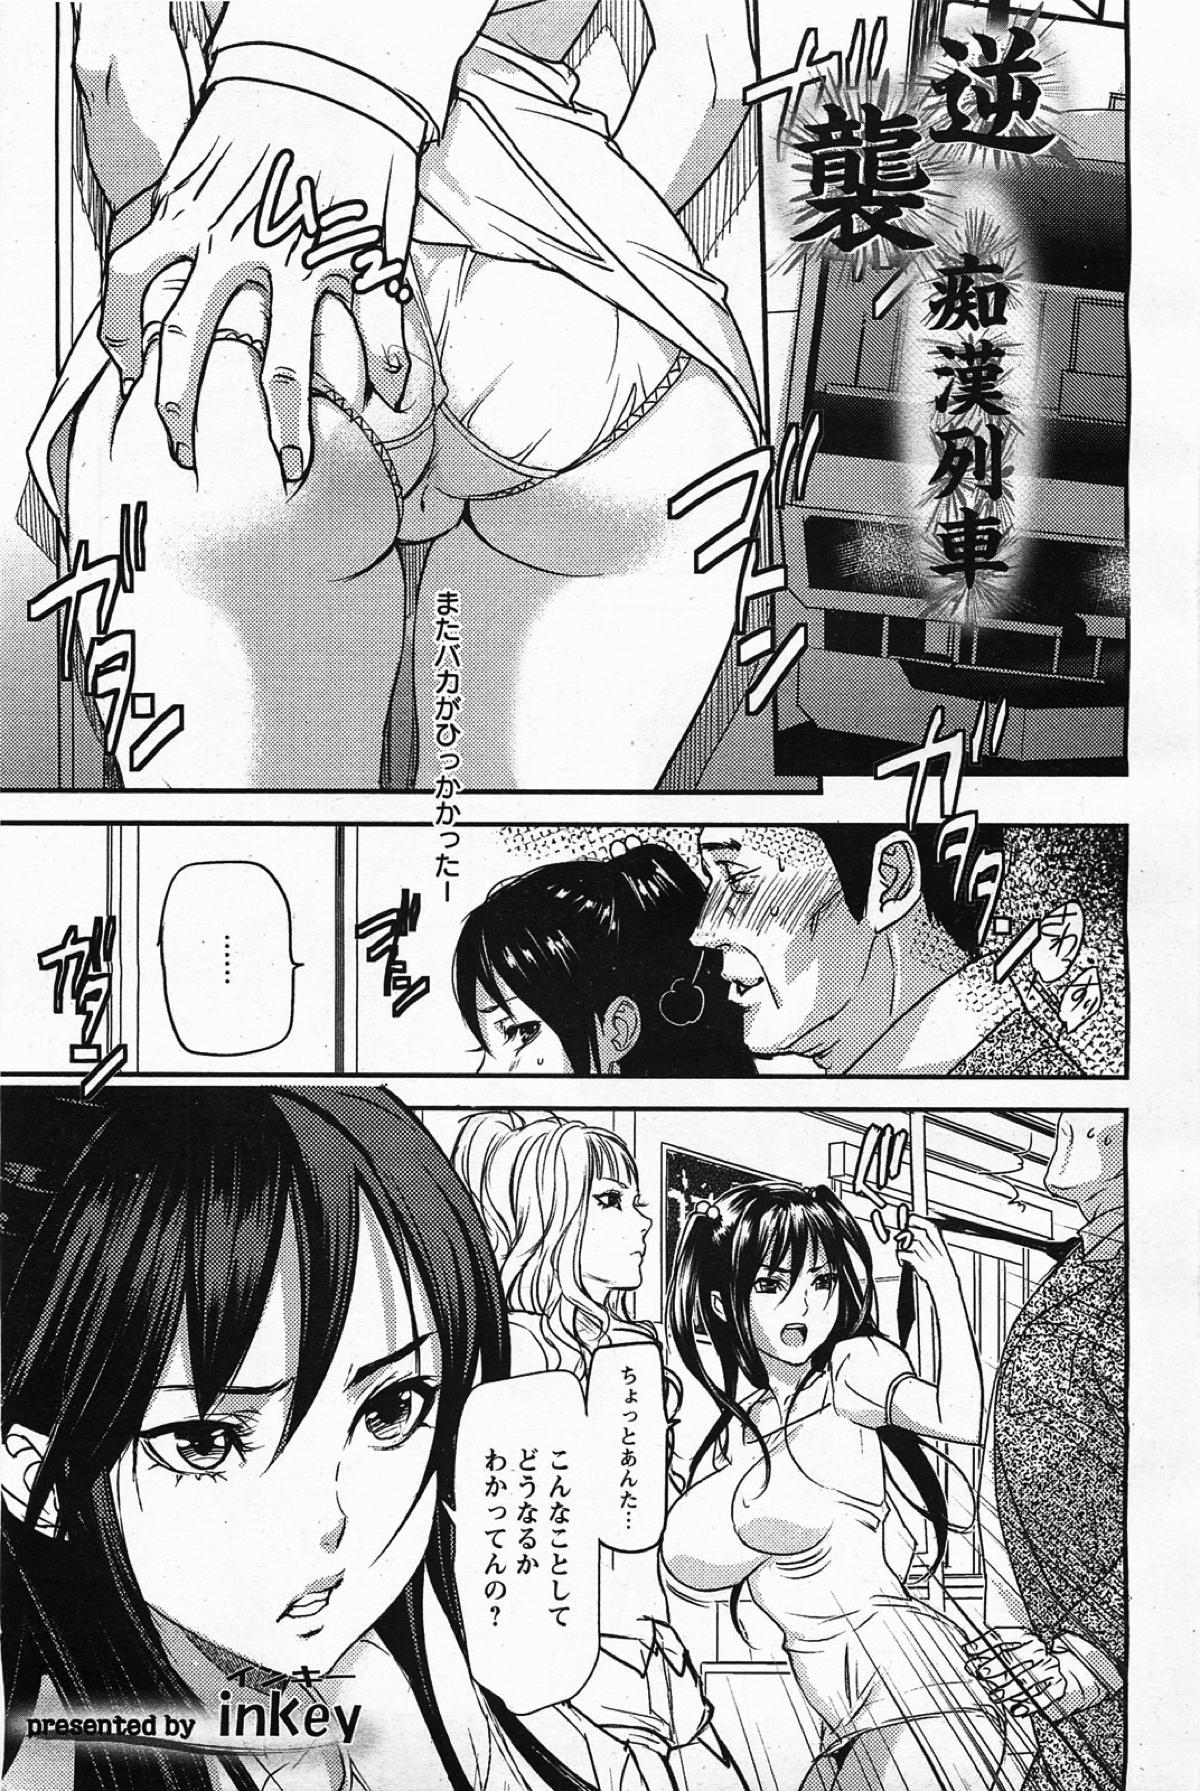 [inkey] 逆襲痴漢列車 (1)